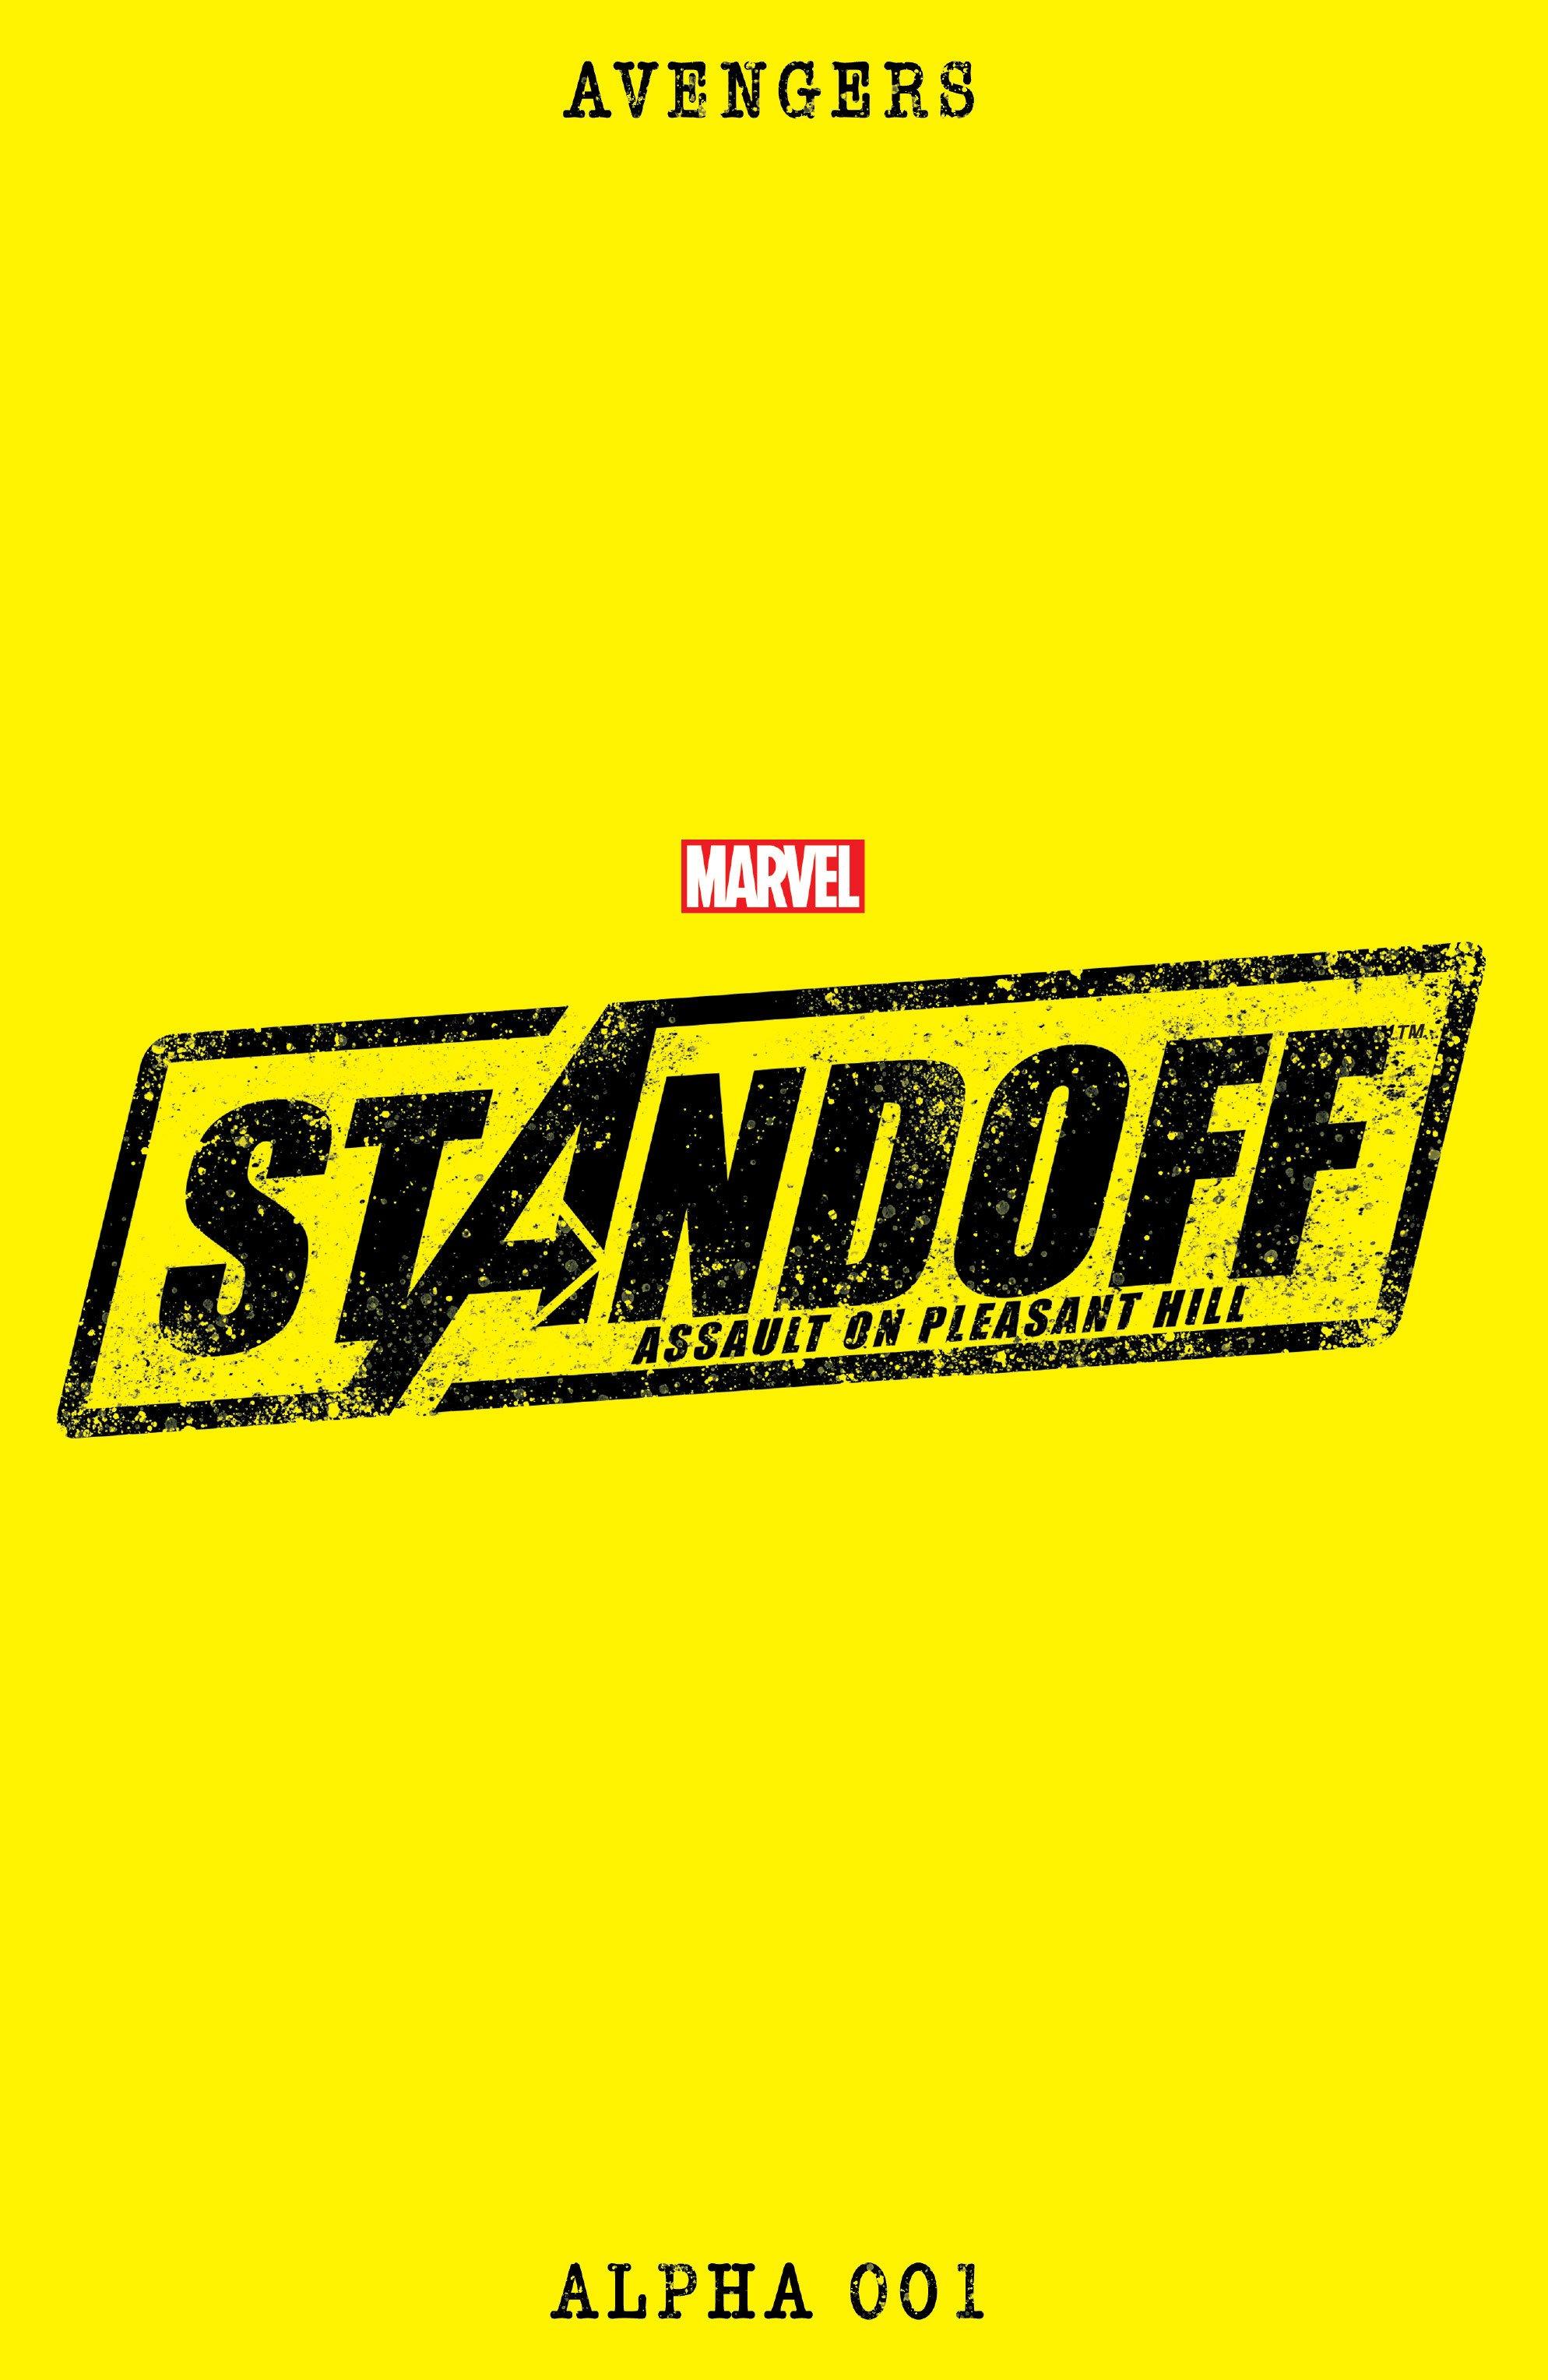 Обзор-мнение комиксов All-New All-Different Marvel, часть 4.. - Изображение 20